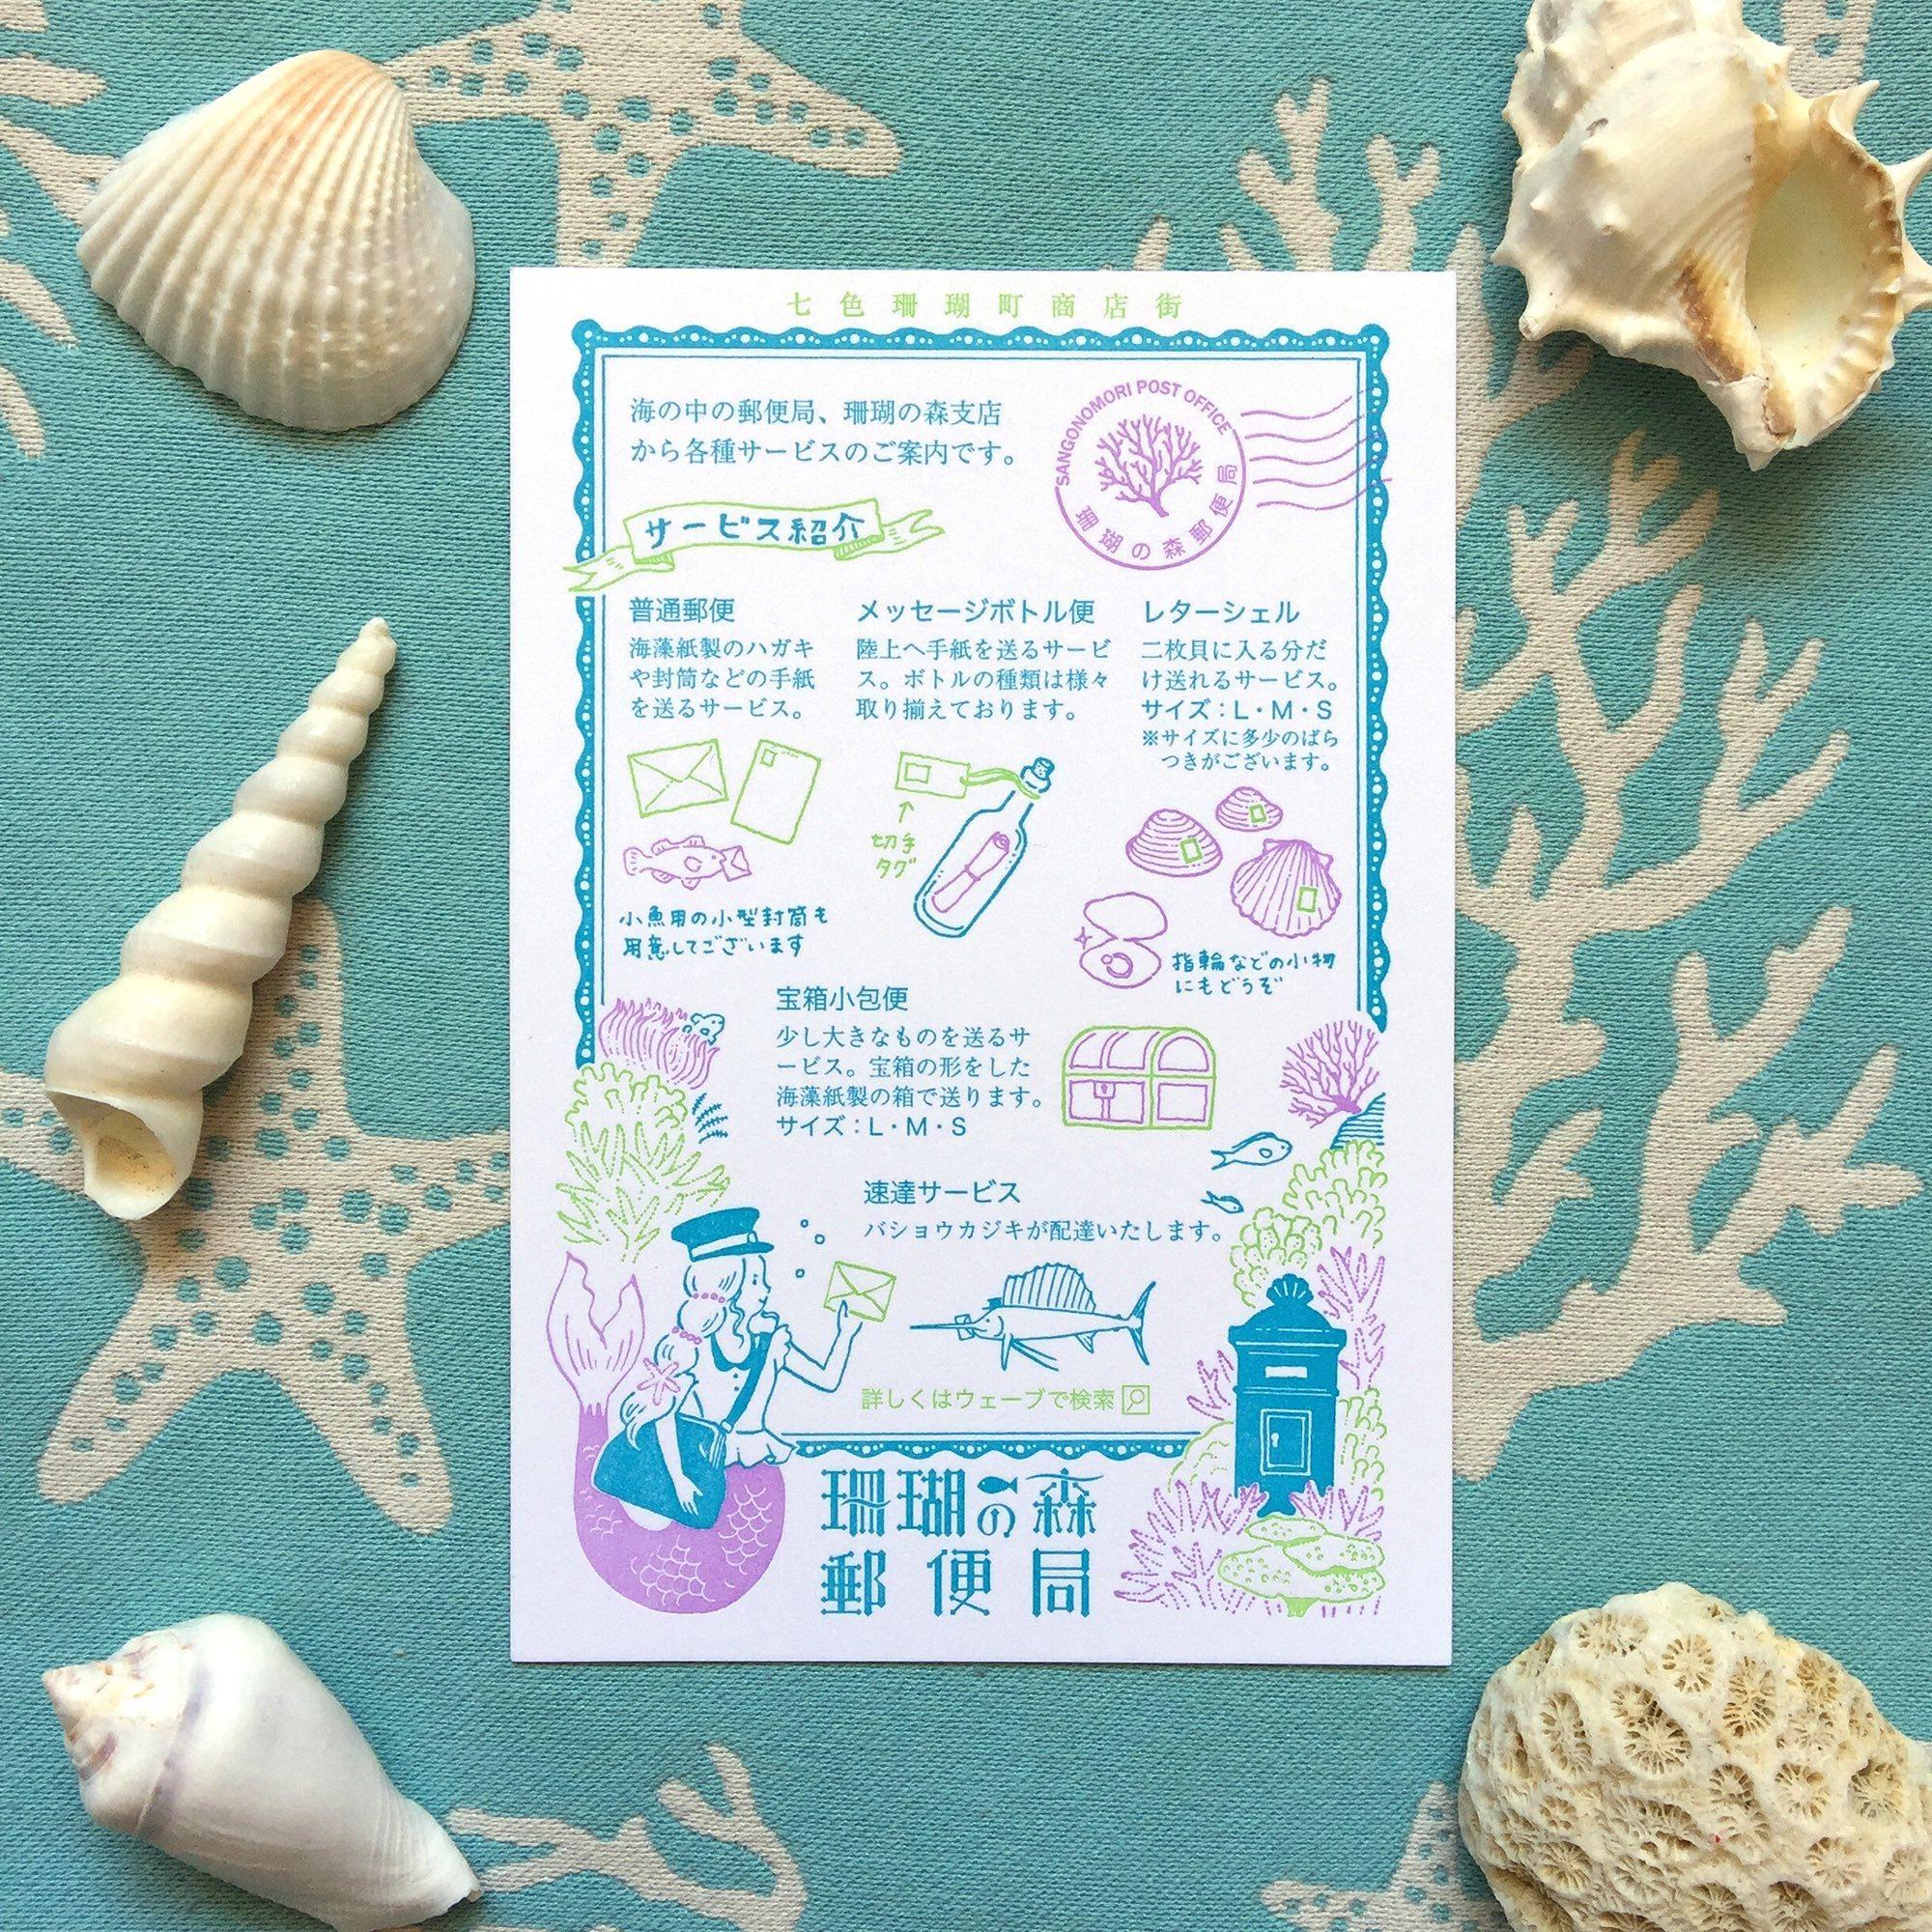 珊瑚の森郵便局